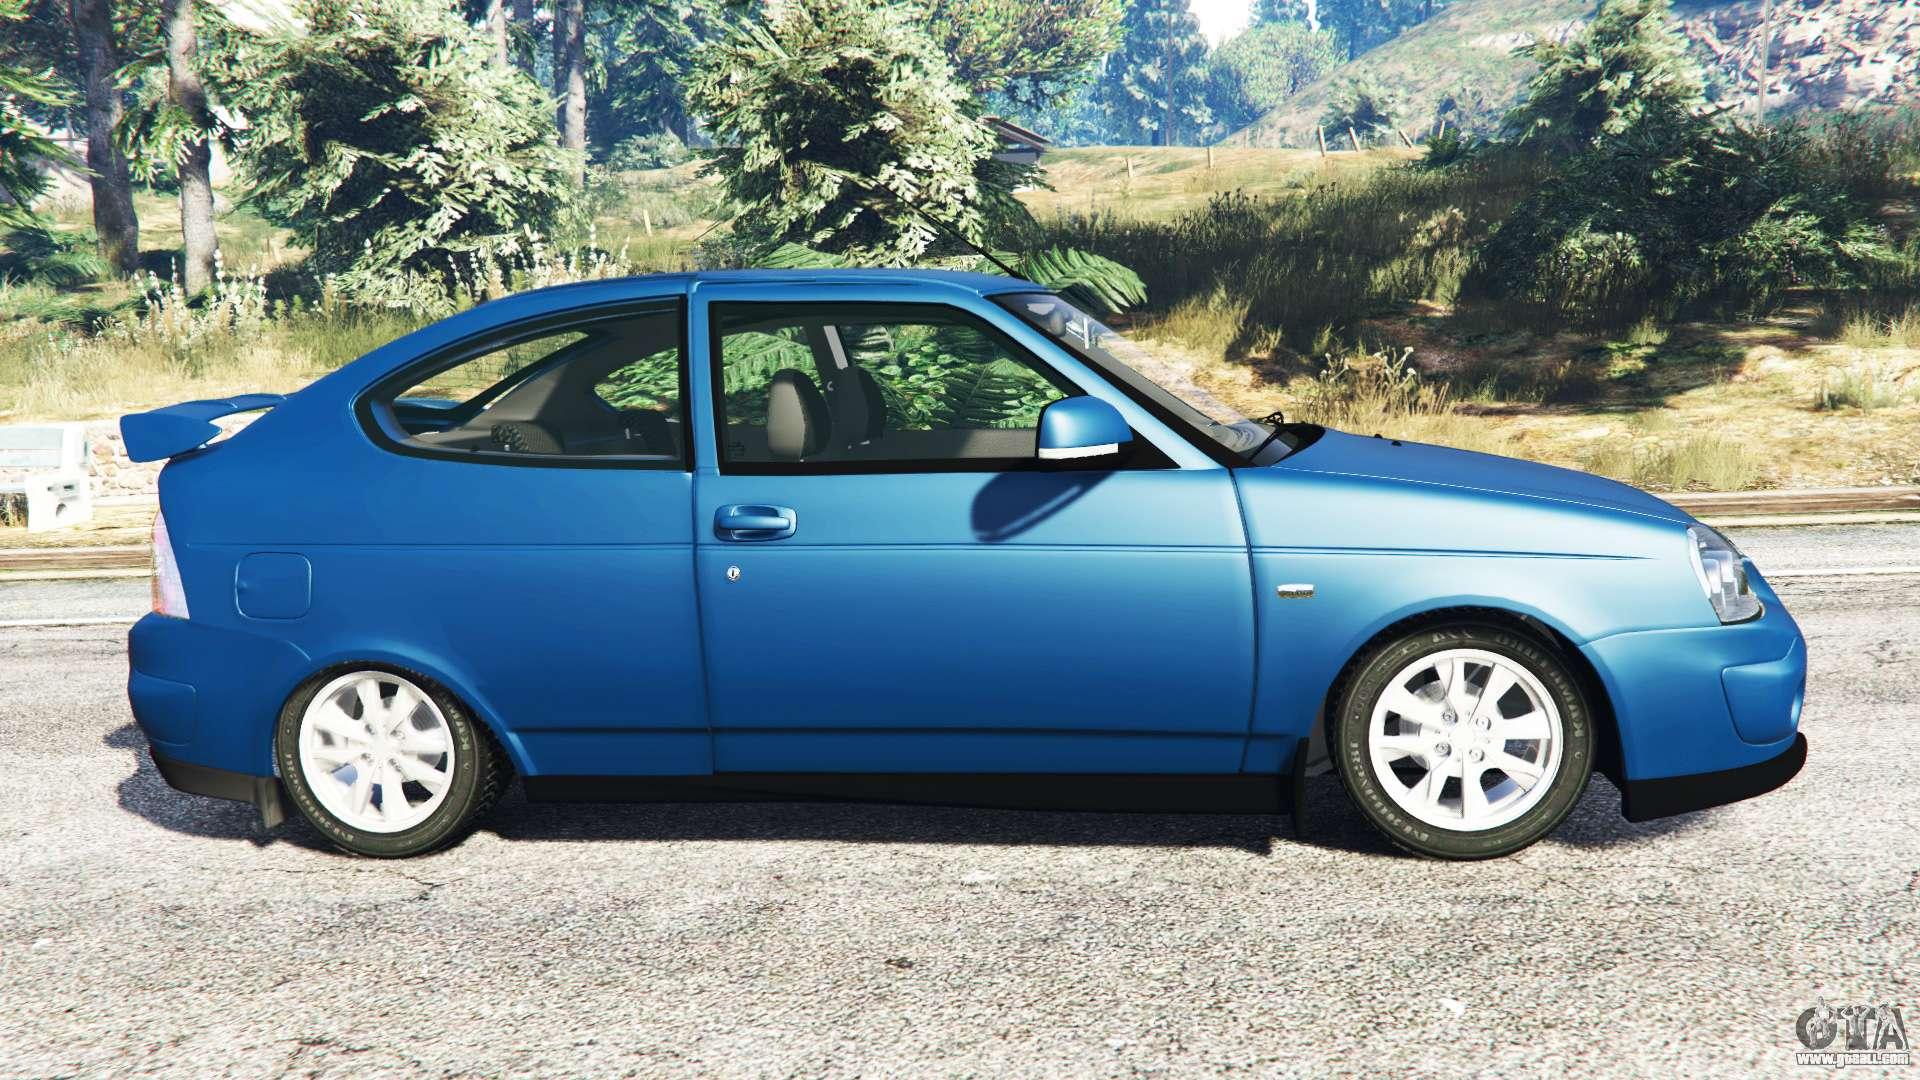 Lada Priora Sport Coupe V0 1 For Gta 5